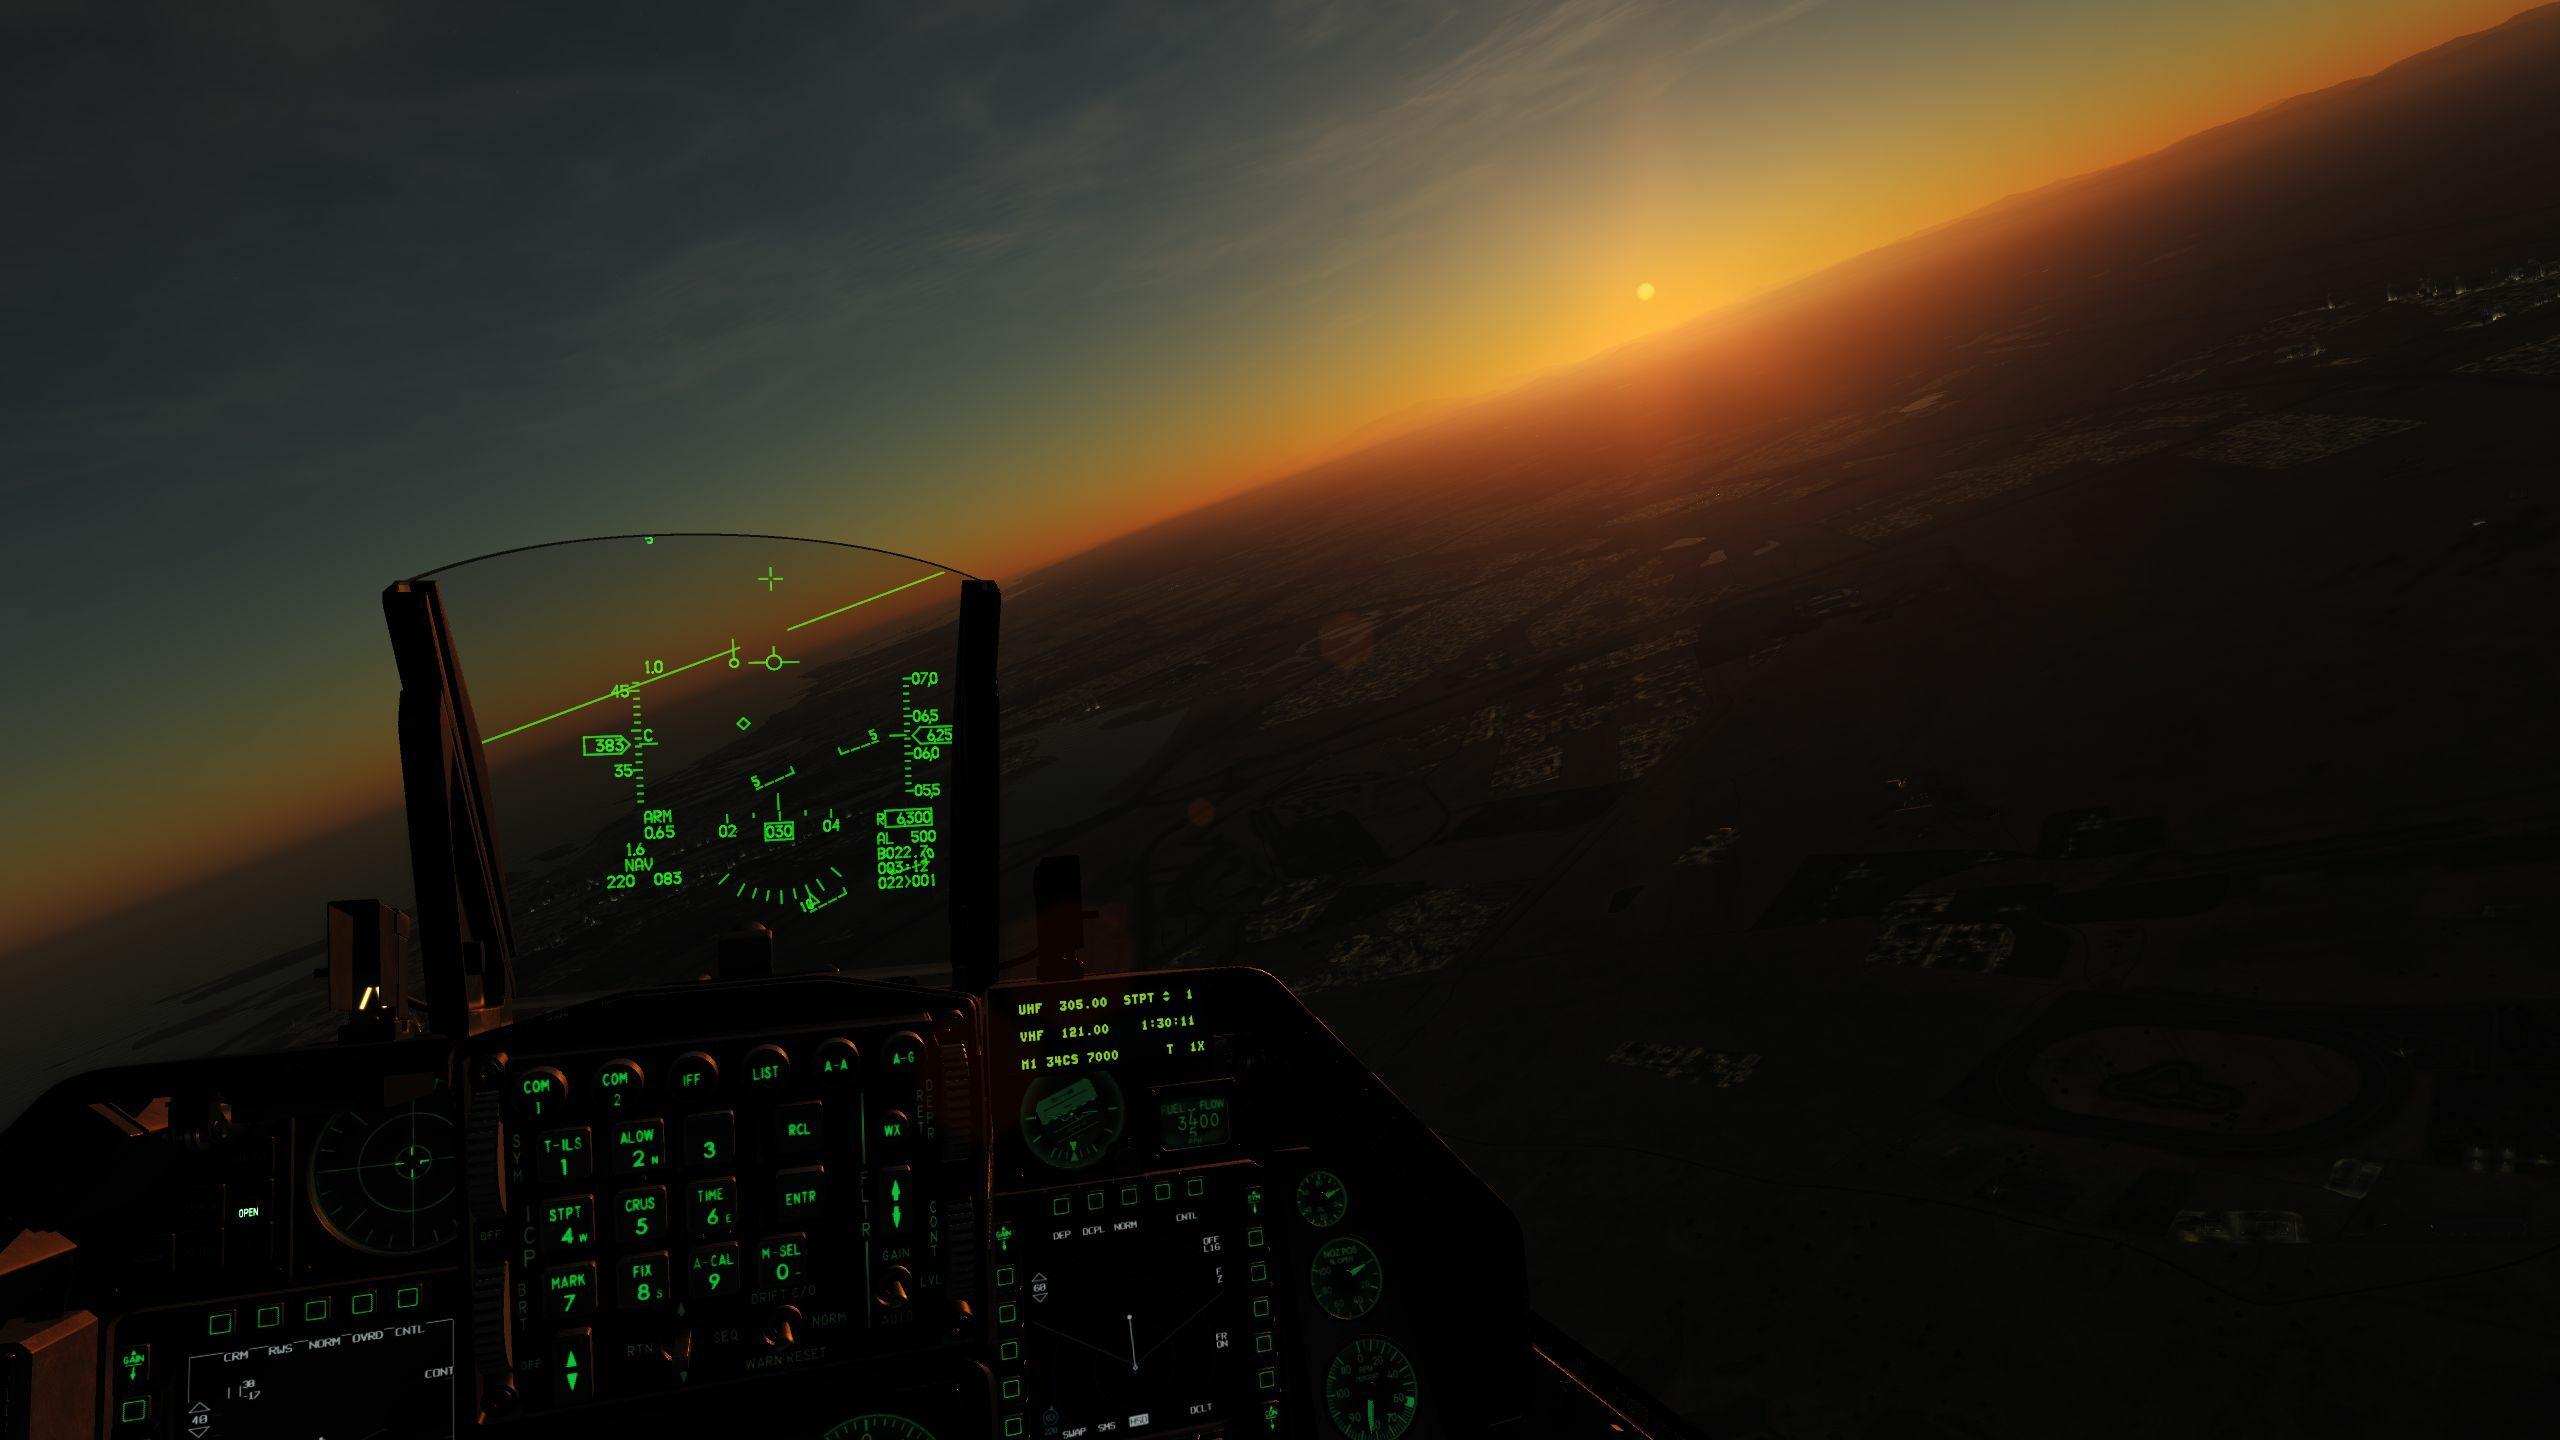 Profite bien de tes derniers mois DCS, dès que Flight Simulator sera sorti tu ne seras plus le générateur de fonds d'écran par excellence.